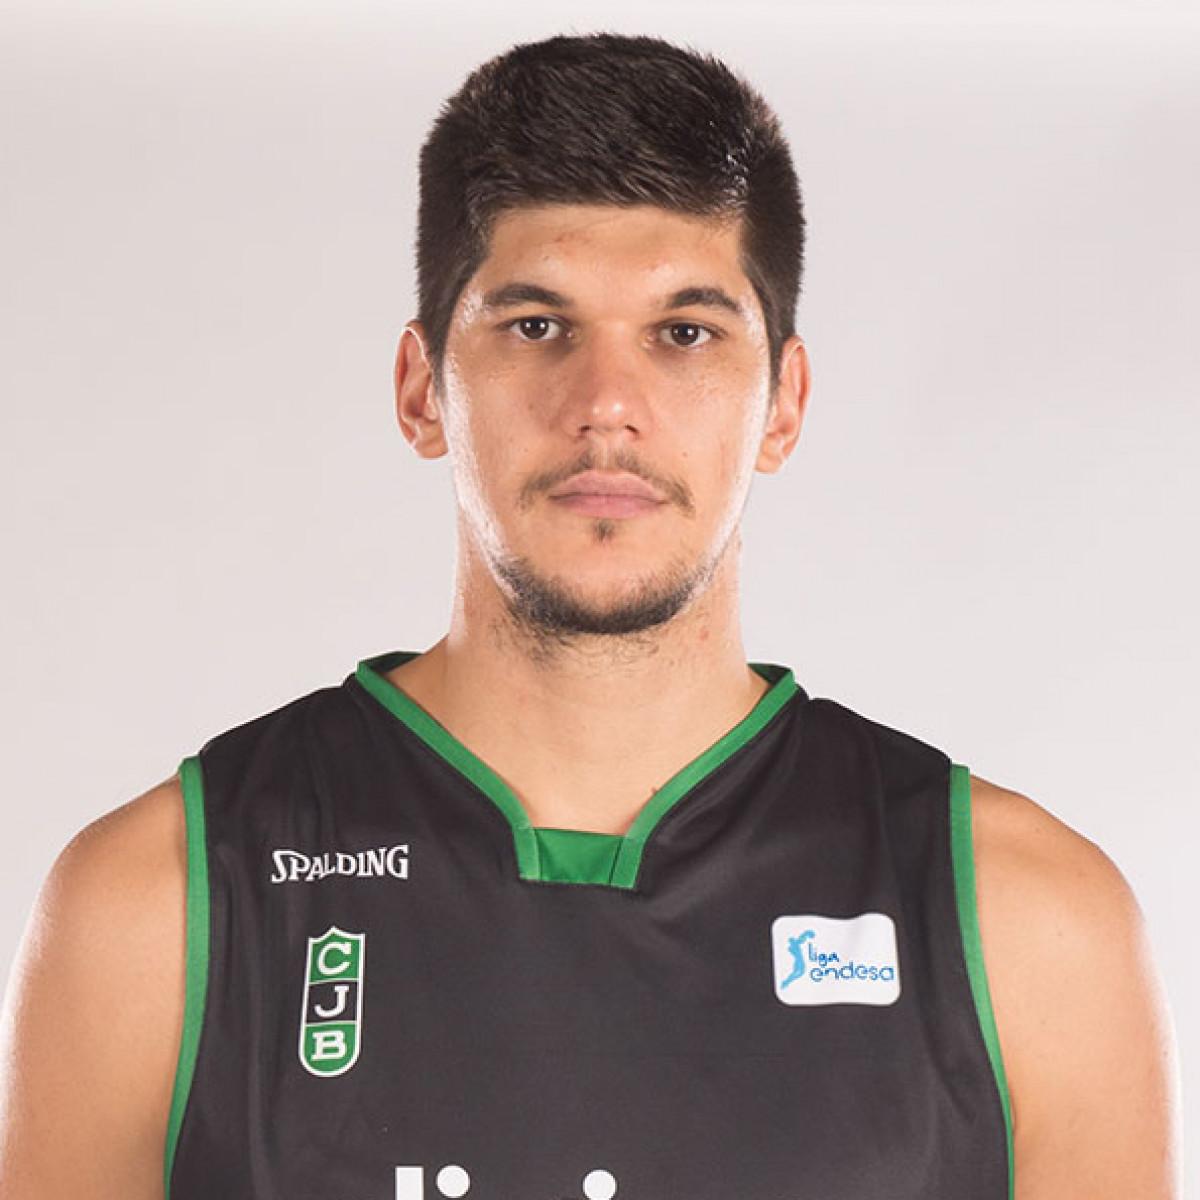 Photo of Marko Todorovic, 2018-2019 season